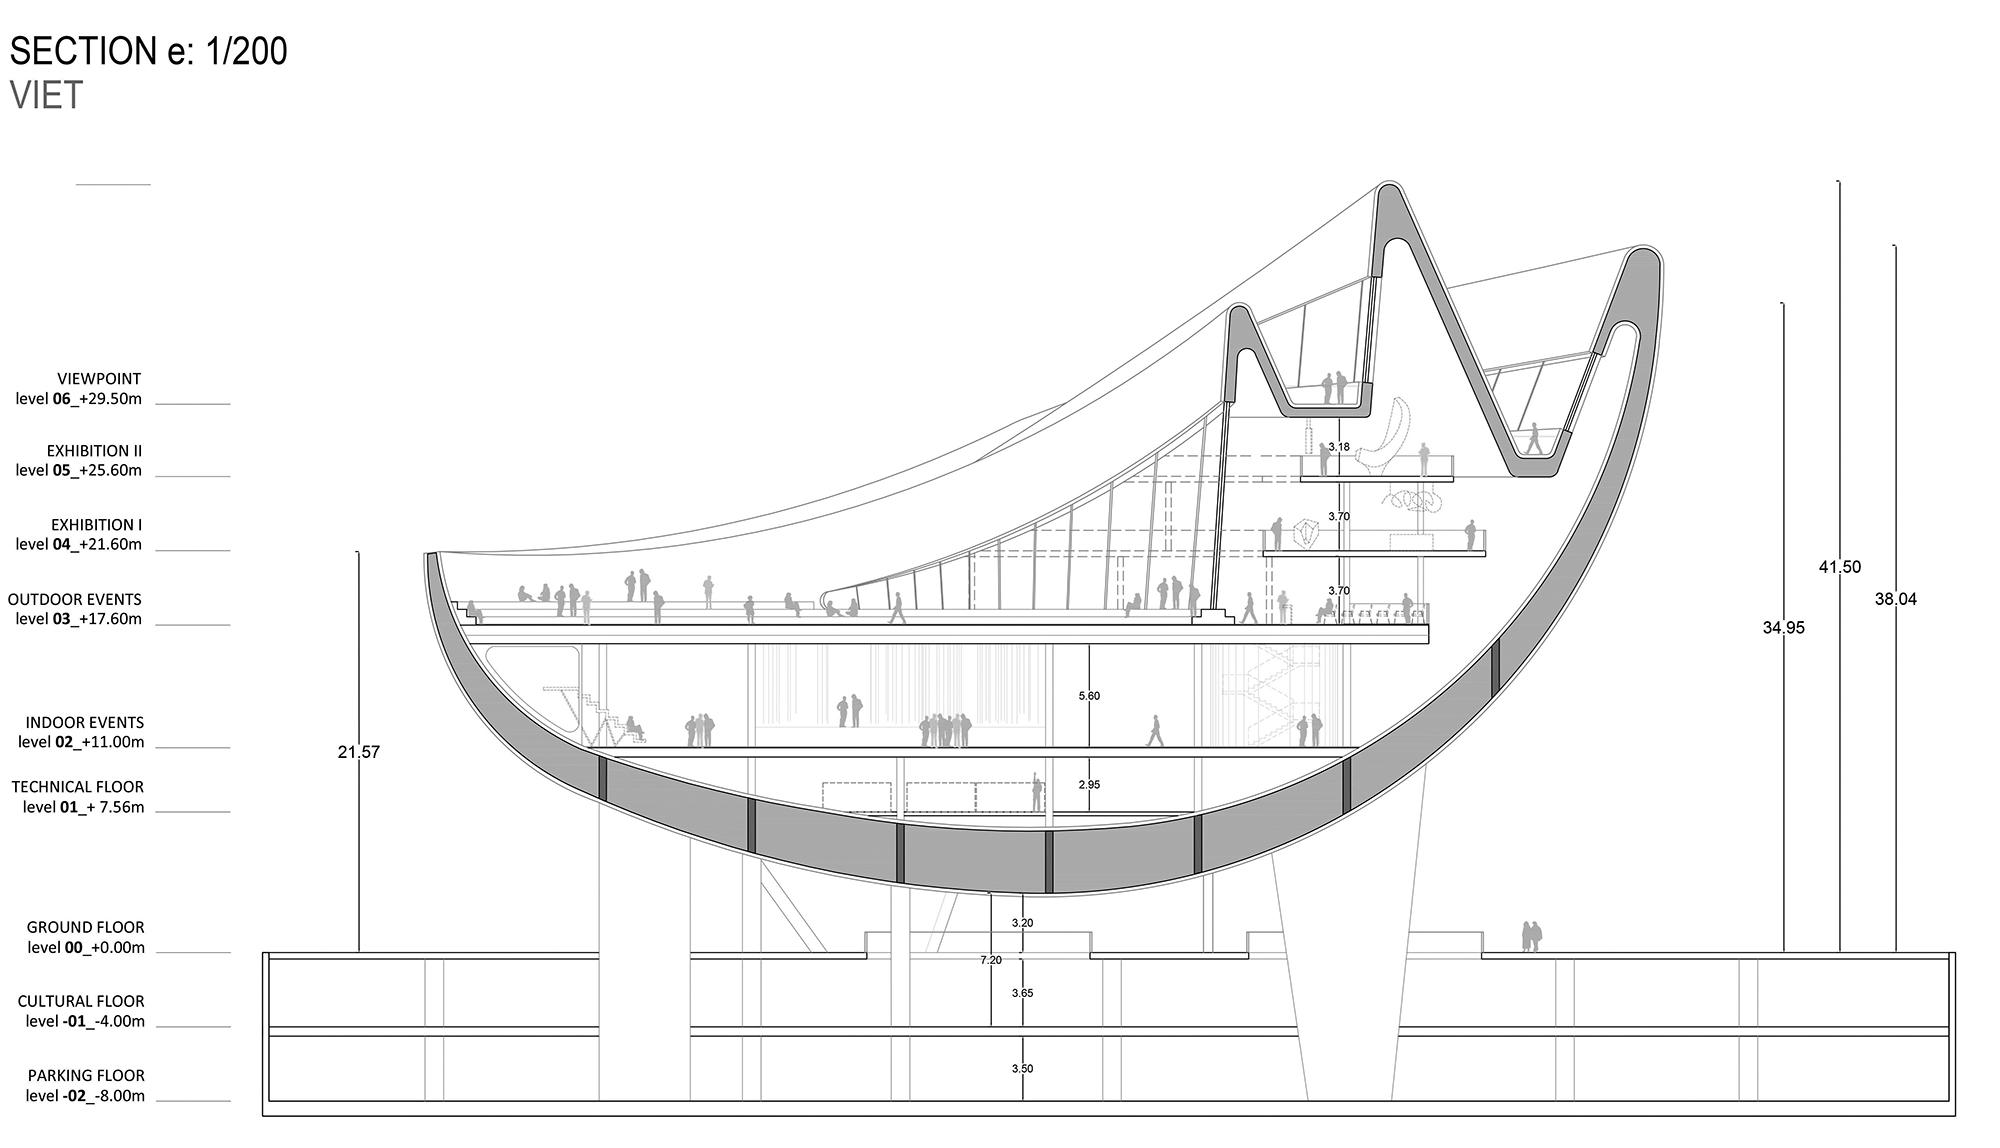 Mô phỏng phần kết cấu lớn giống như lớp vỏ công trình và tạo ra không gian tự nhiên phía dưới